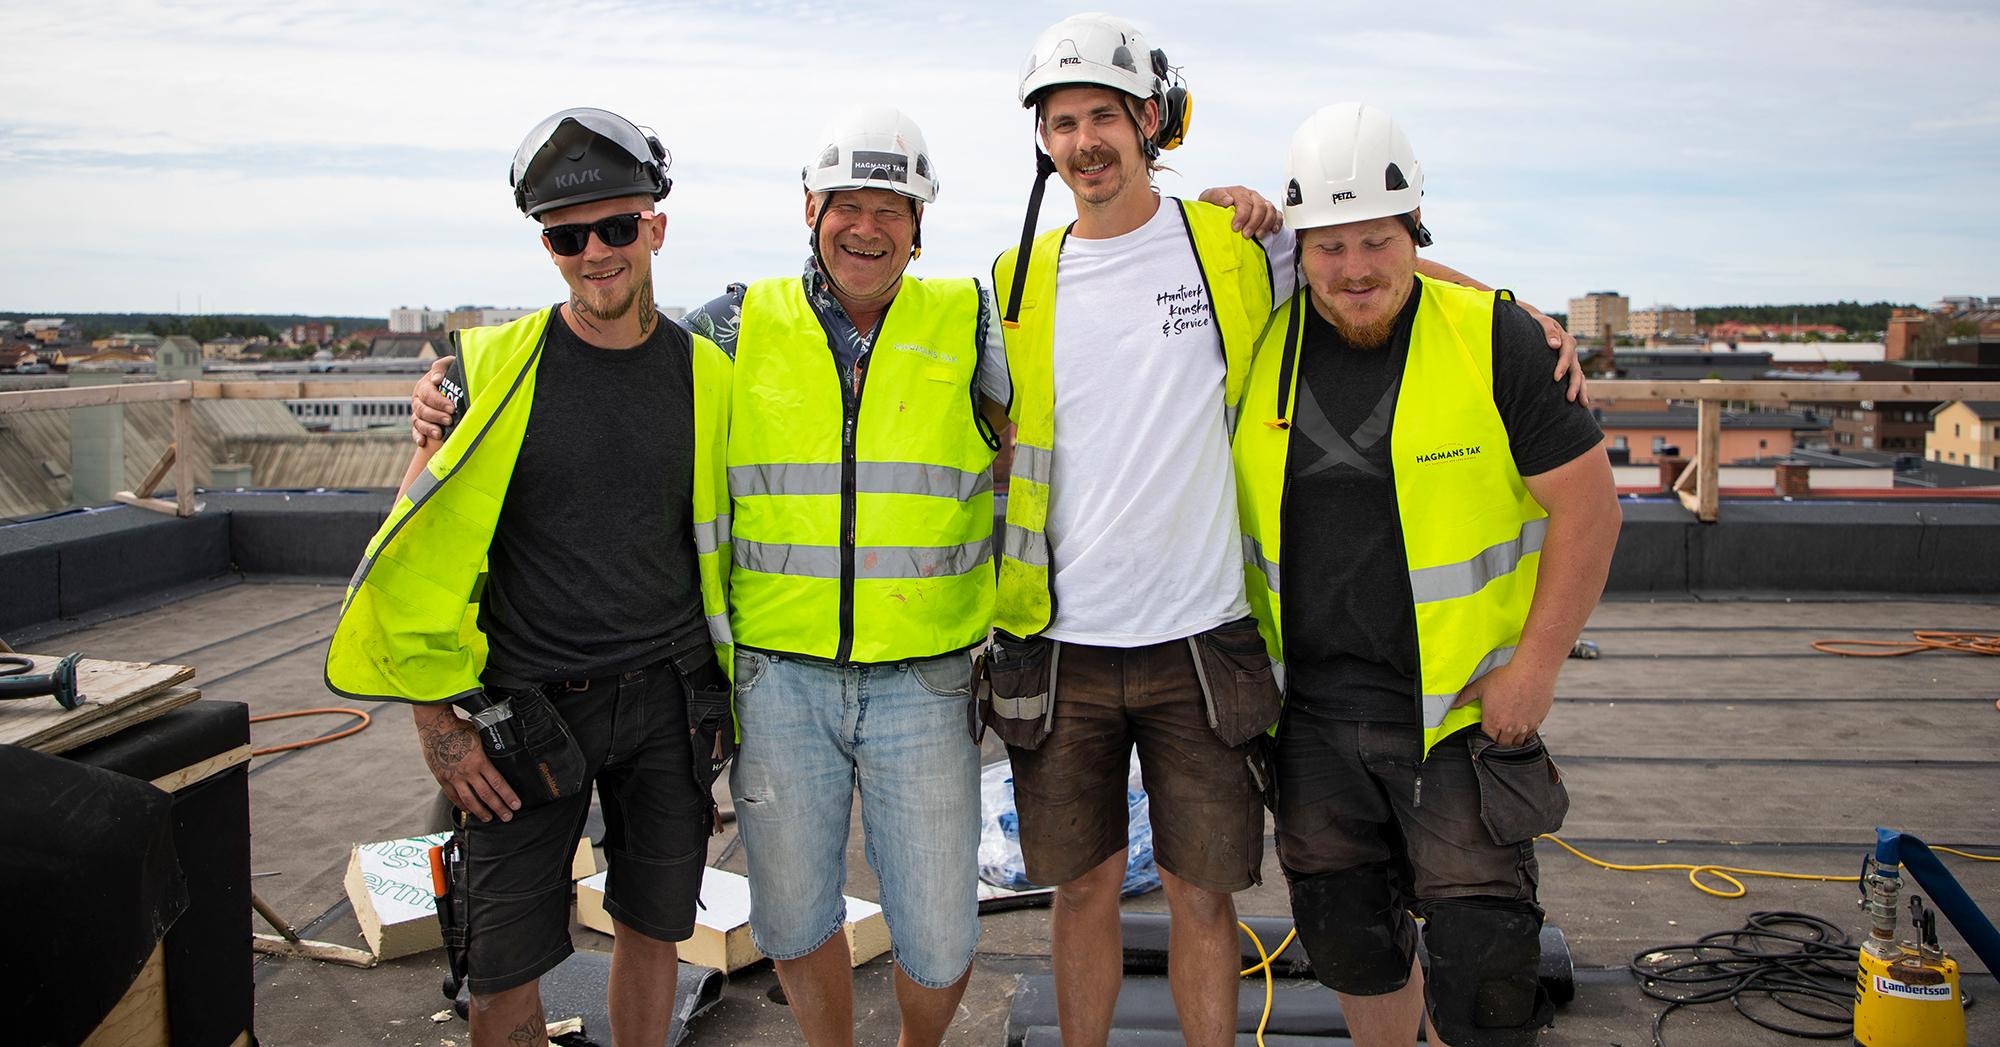 Hagmans Tak medarbetare på projekt Mälardalens högskola i Eskilstuna